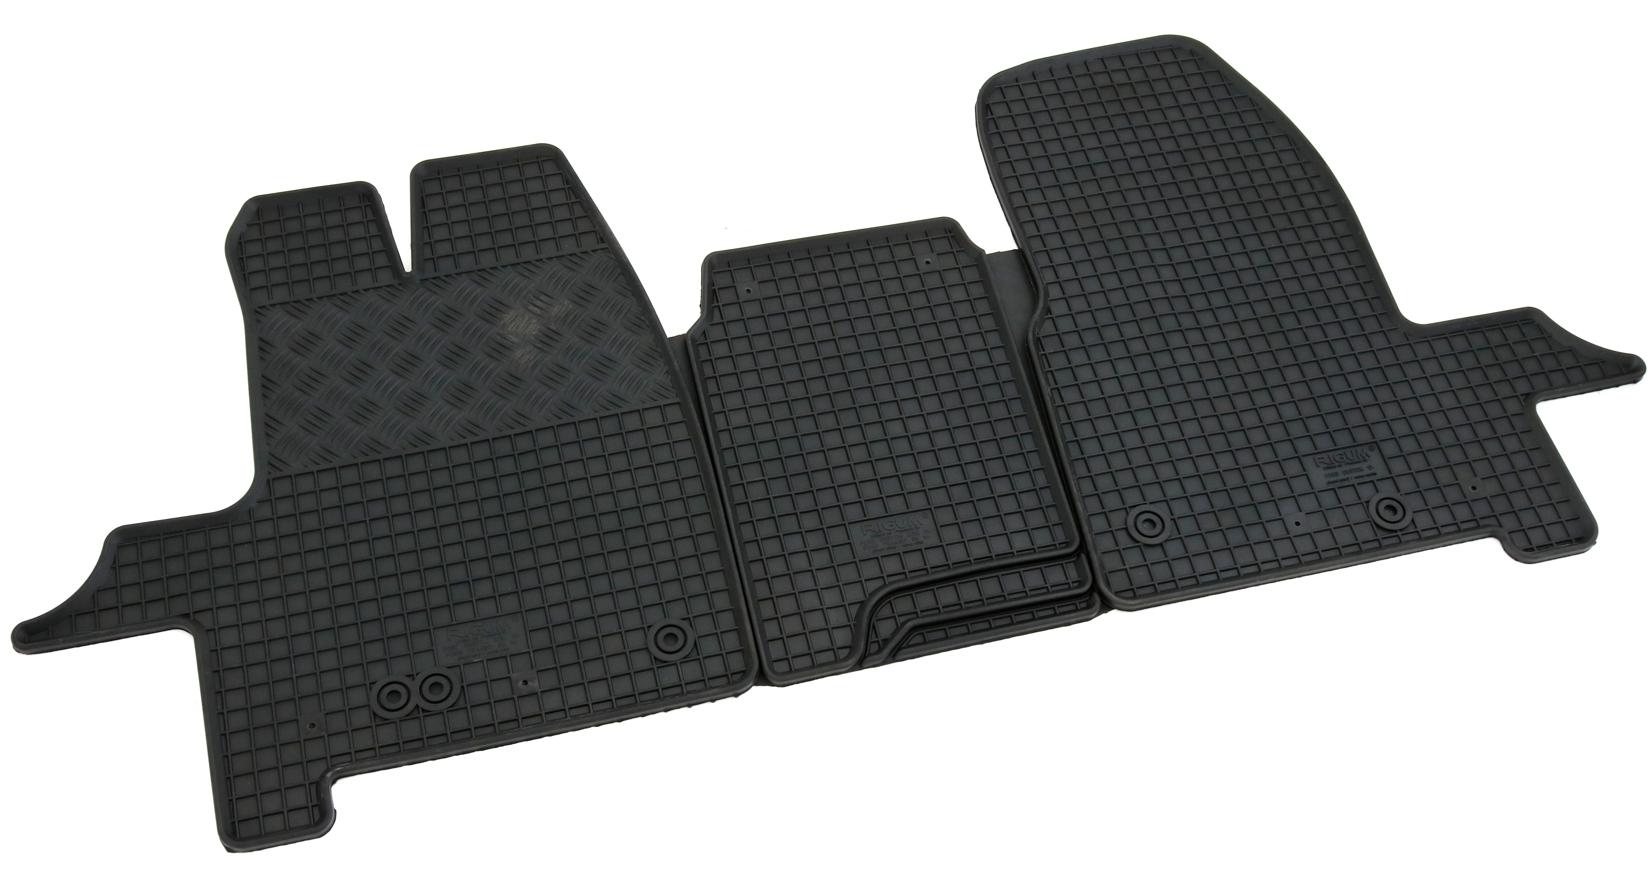 TOP Qualität FORD CONNECT 2-Reihen ab 2013 Gummifußmatten passgenau Fußmatten